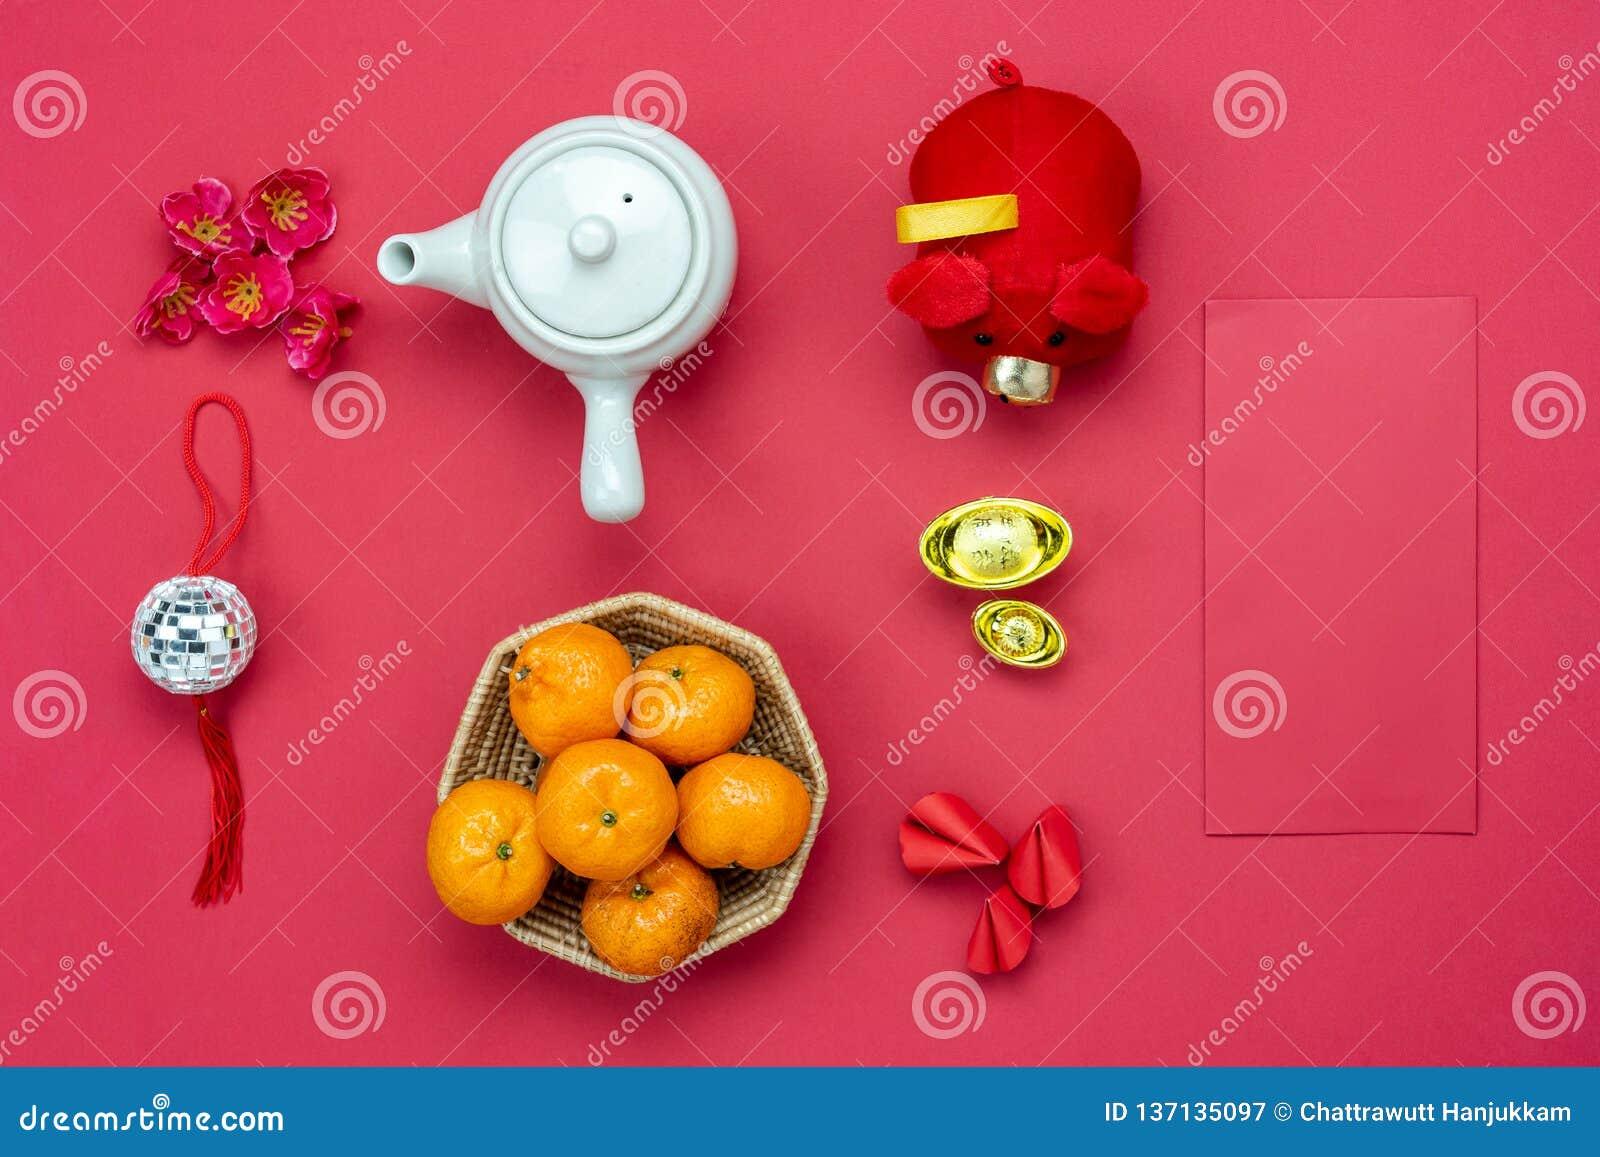 Meio da língua chinesa rico ou rico e feliz Ano novo lunar de opinião de tampo da mesa & ano novo chinês Brinquedo colocado liso